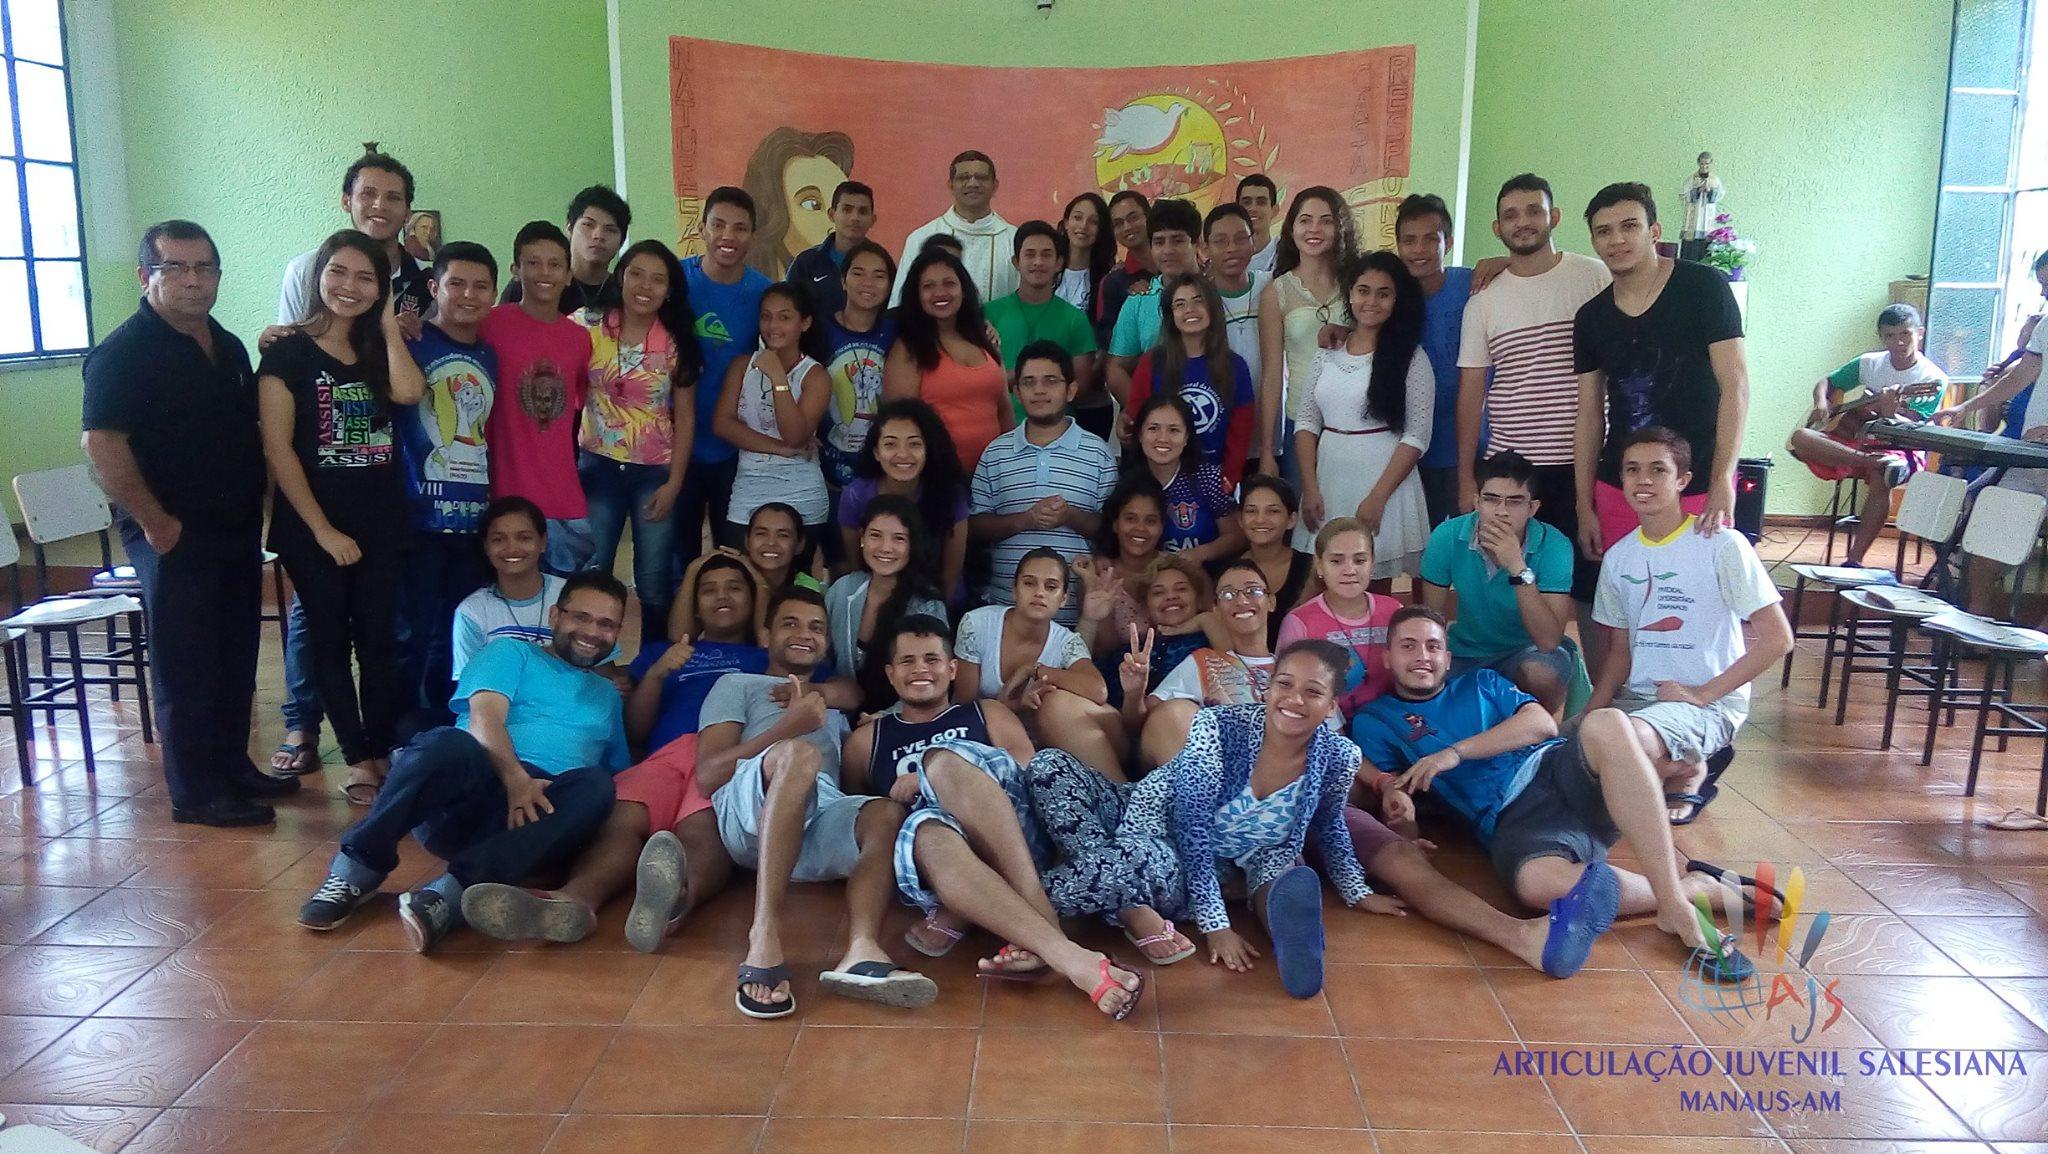 Jovens líderes salesianos se reúnem em Manaus para curso de formação